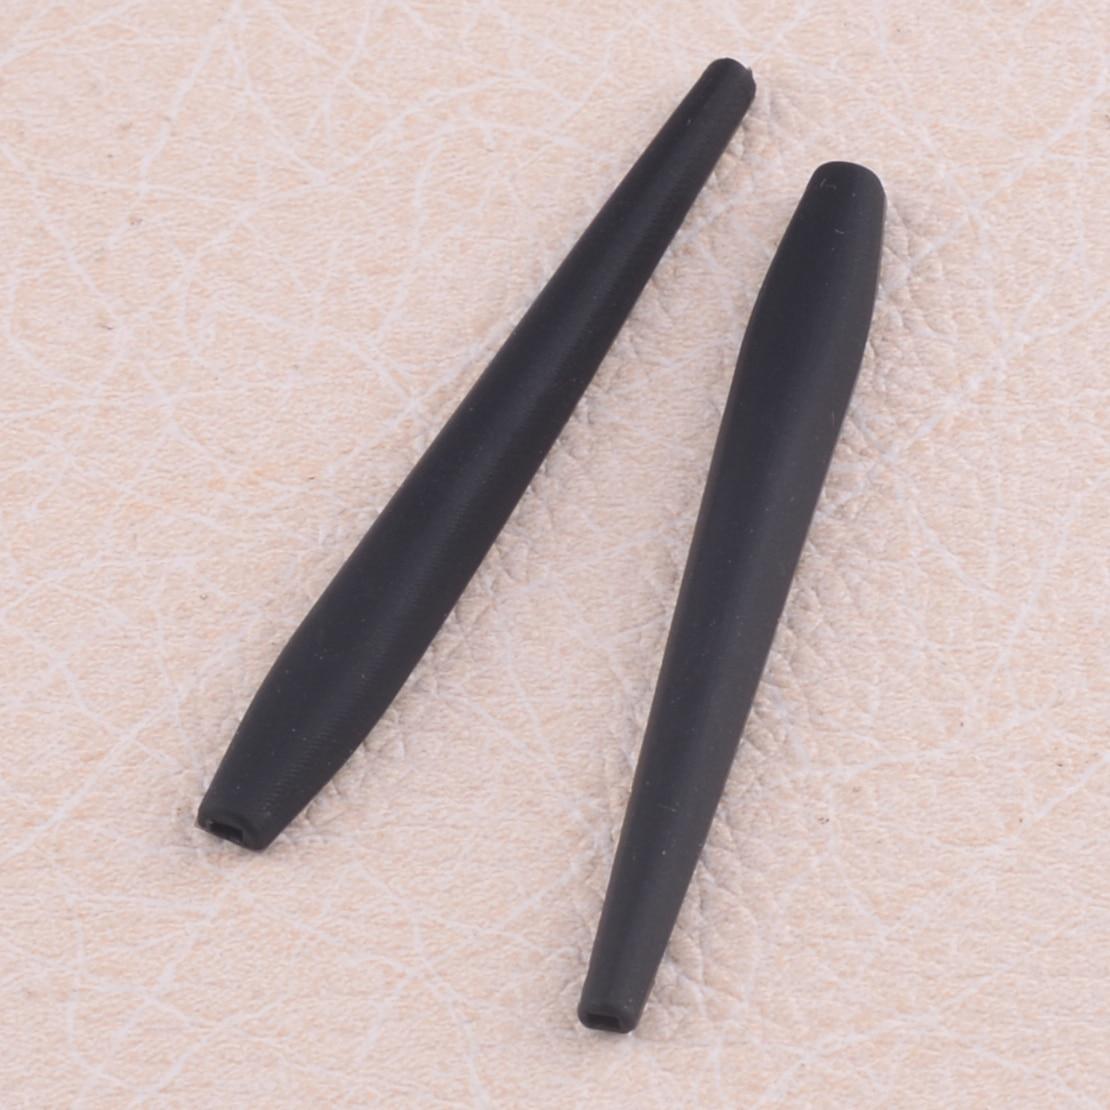 LETAOSK Black Rubber Sunglasses Ear Sock Anti-slip Fit For Oakley CROSSHAIR 2.0 OO4044